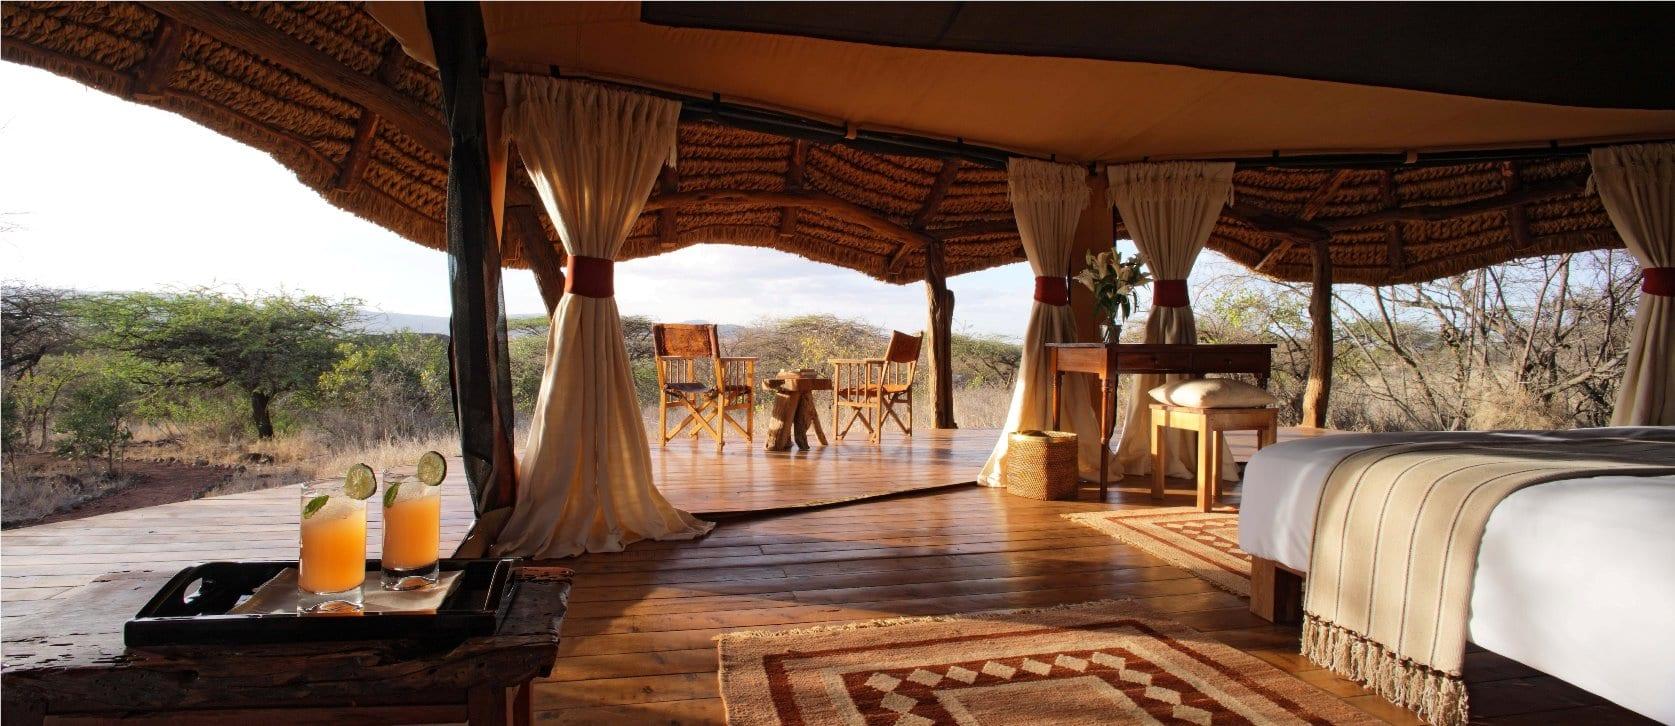 Lewa Safari Camp - Tent Interior 41